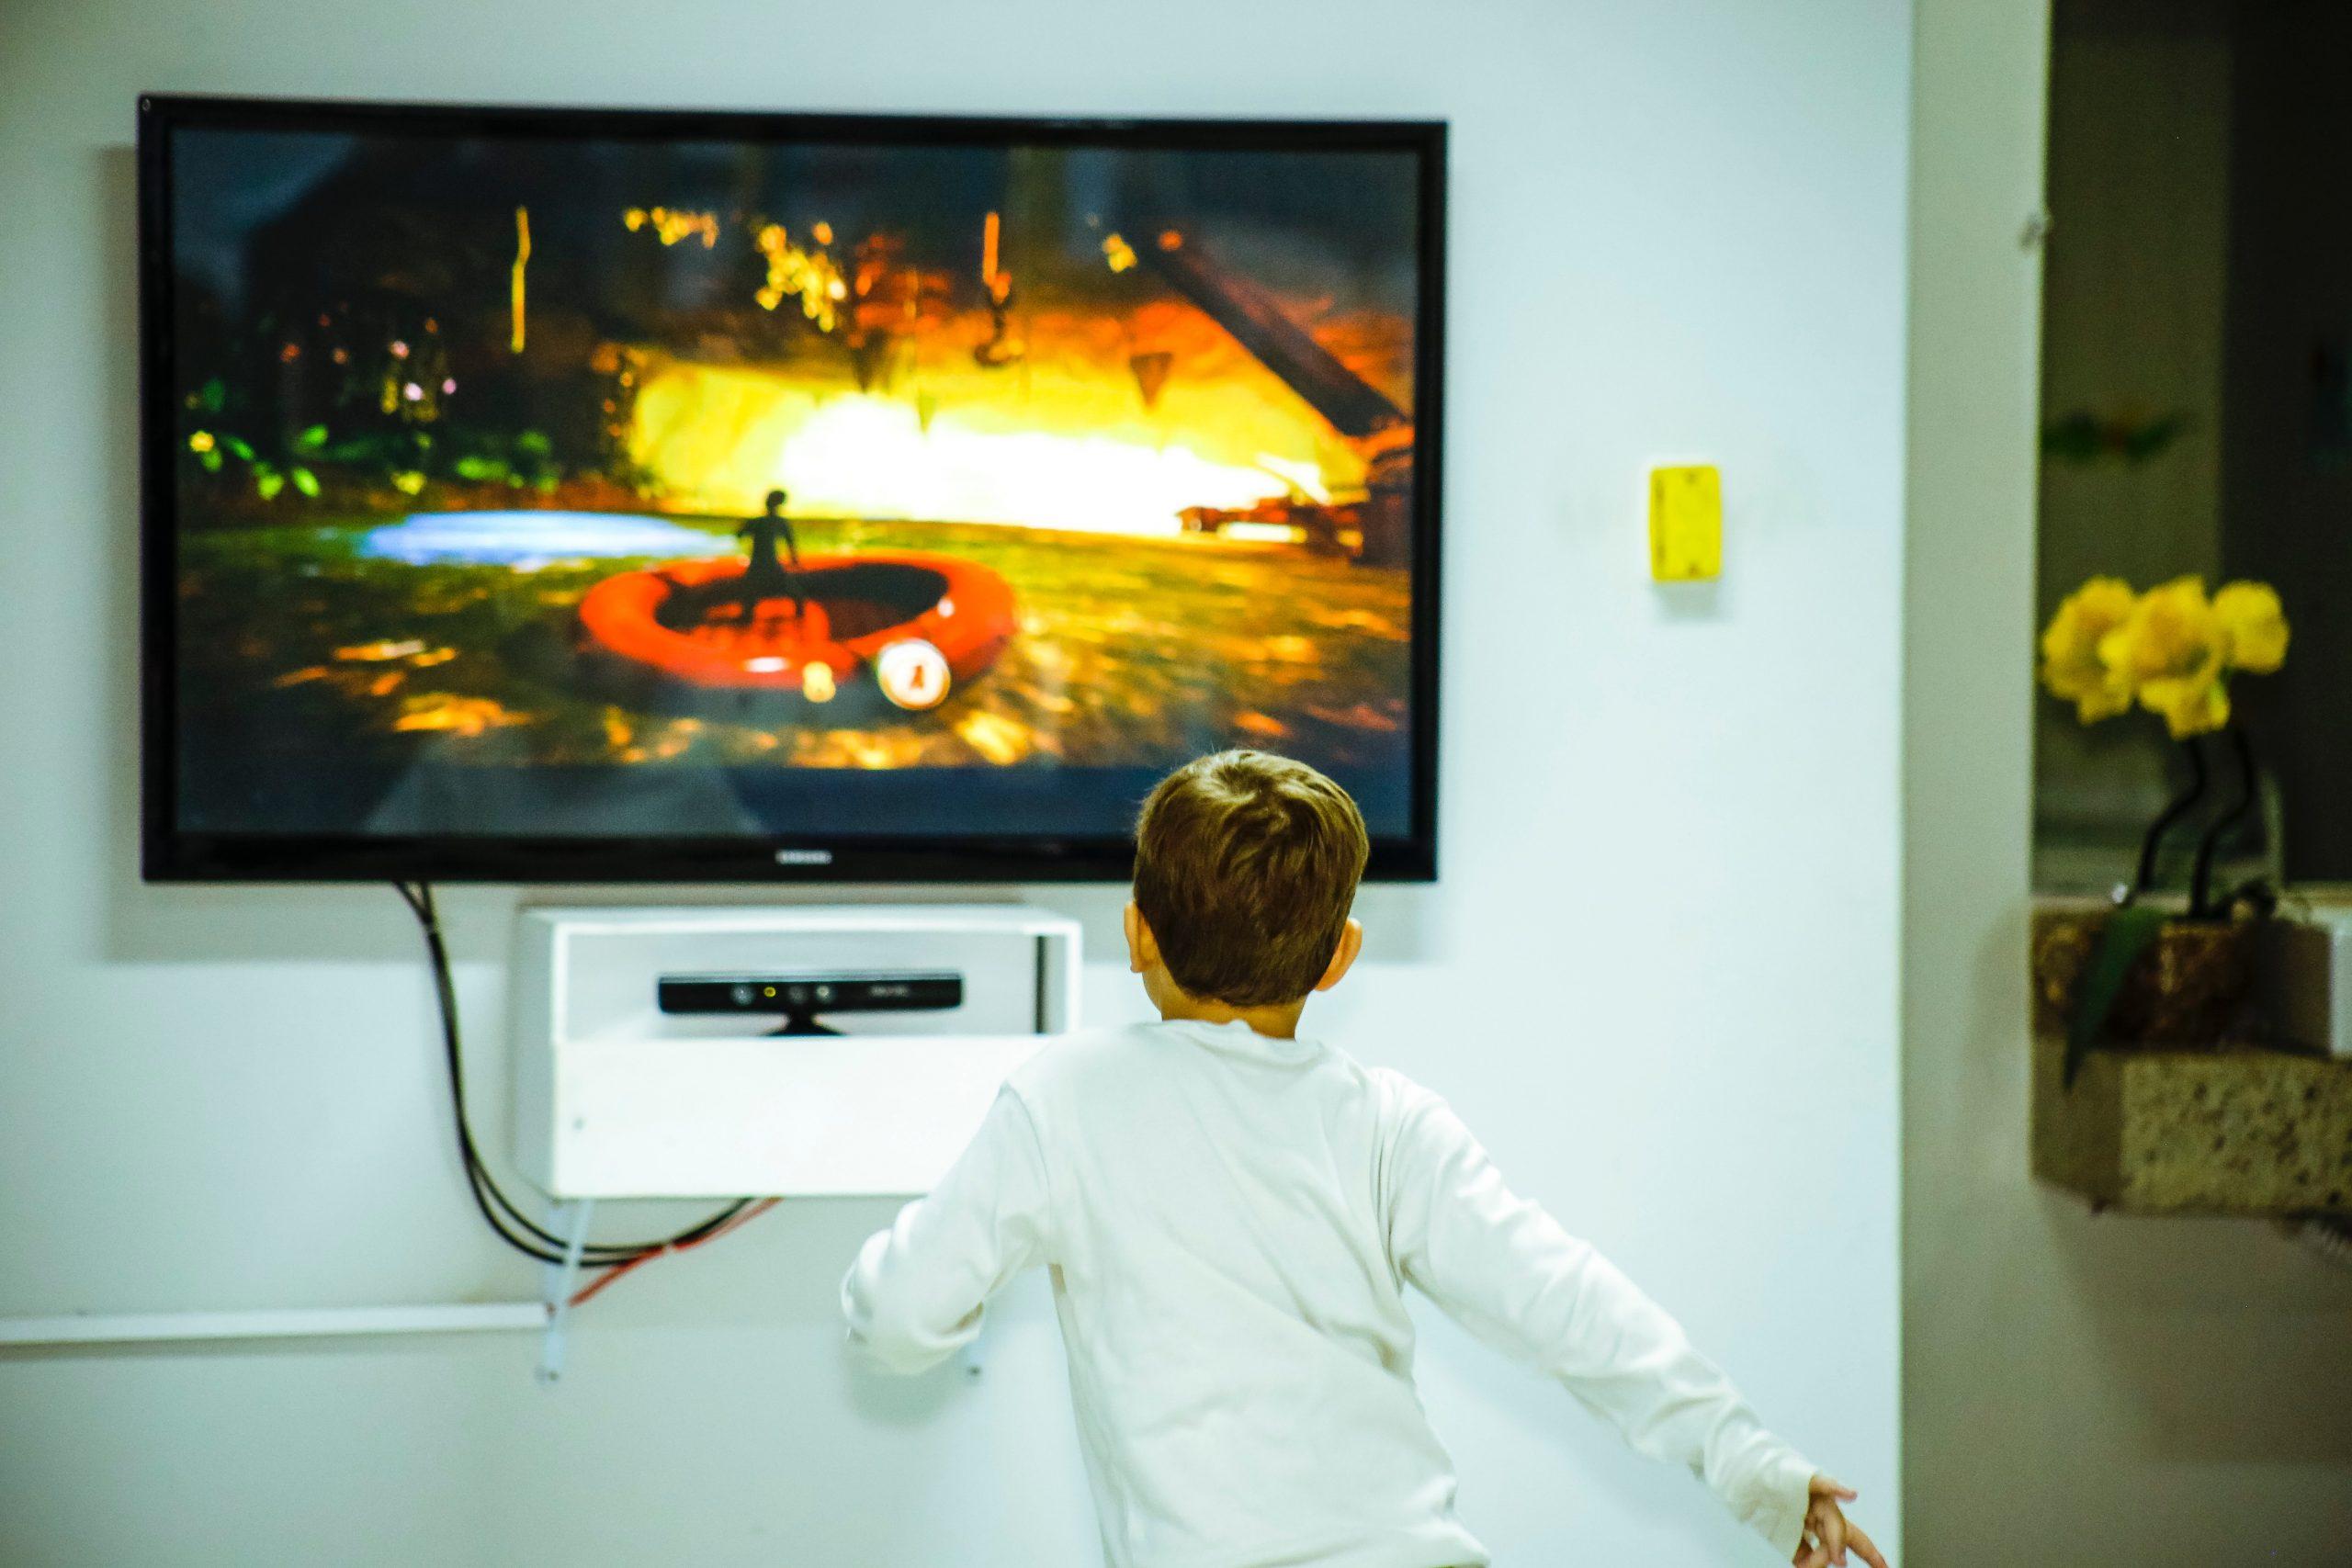 Imagem mostra uma criança jogando videogame em uma grande TV.